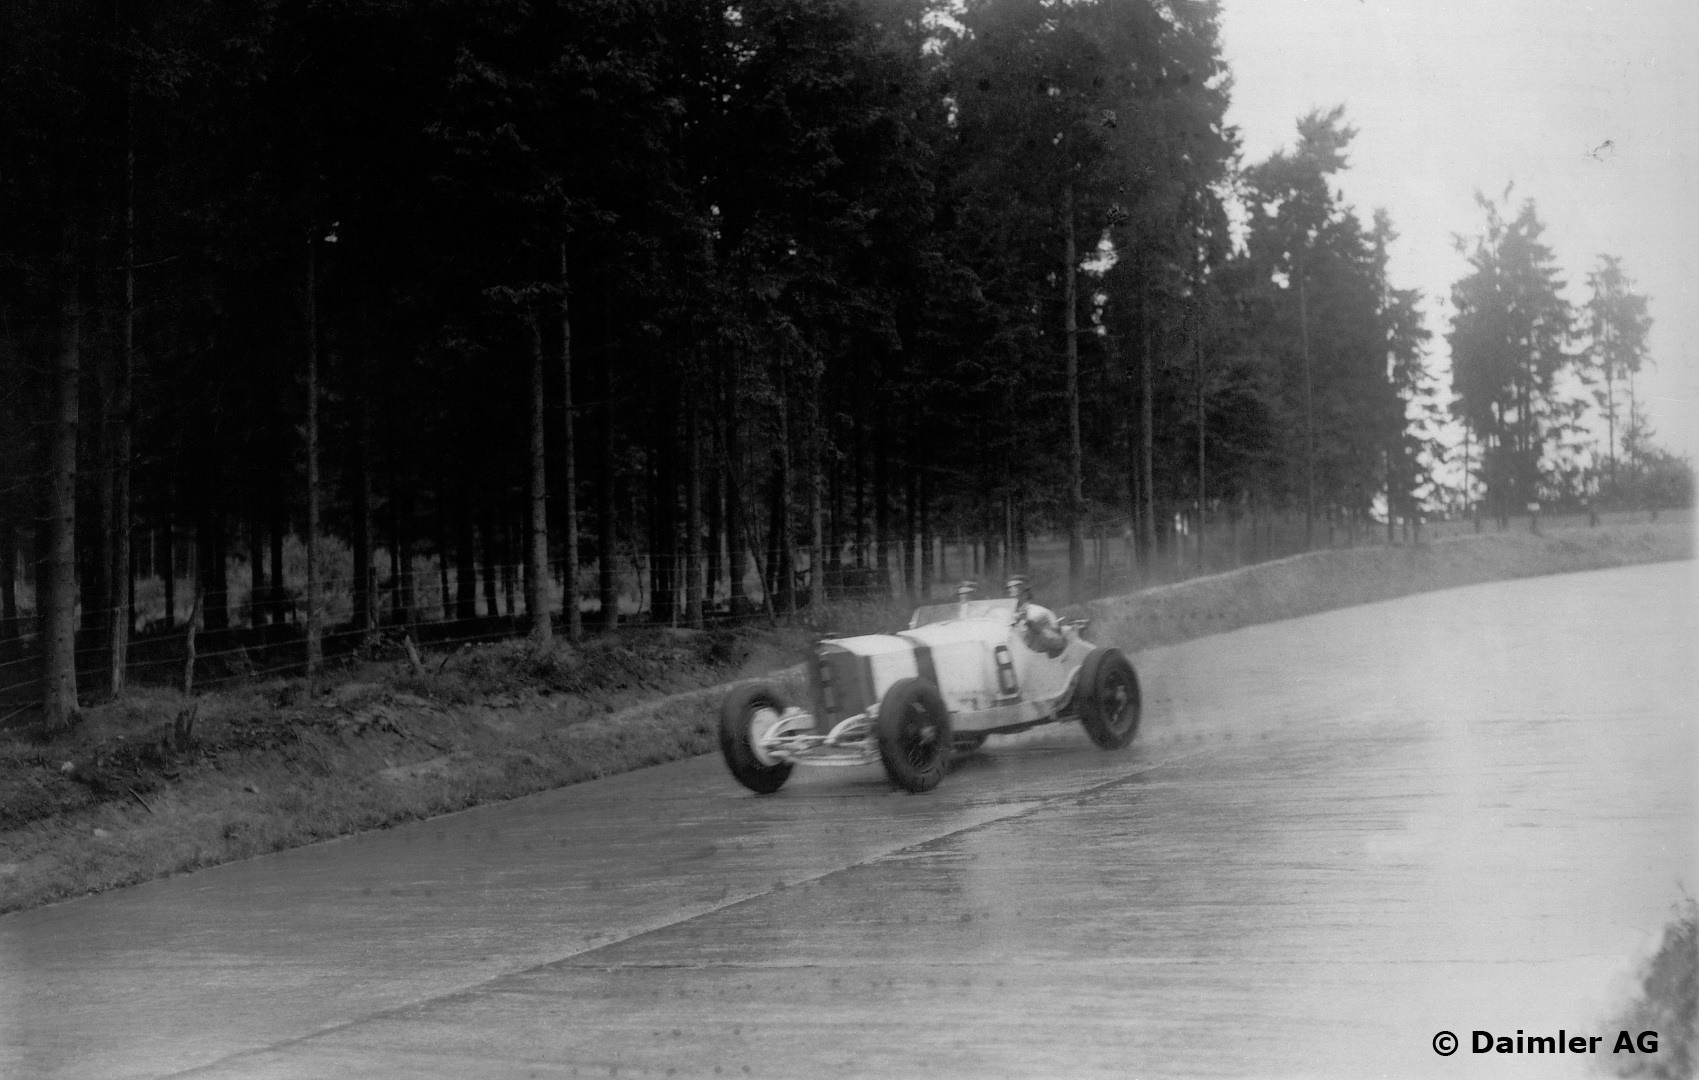 Kongen av Nürburgring? Svaret må bli Rudolf Caracciola. Foto: Daimler AG